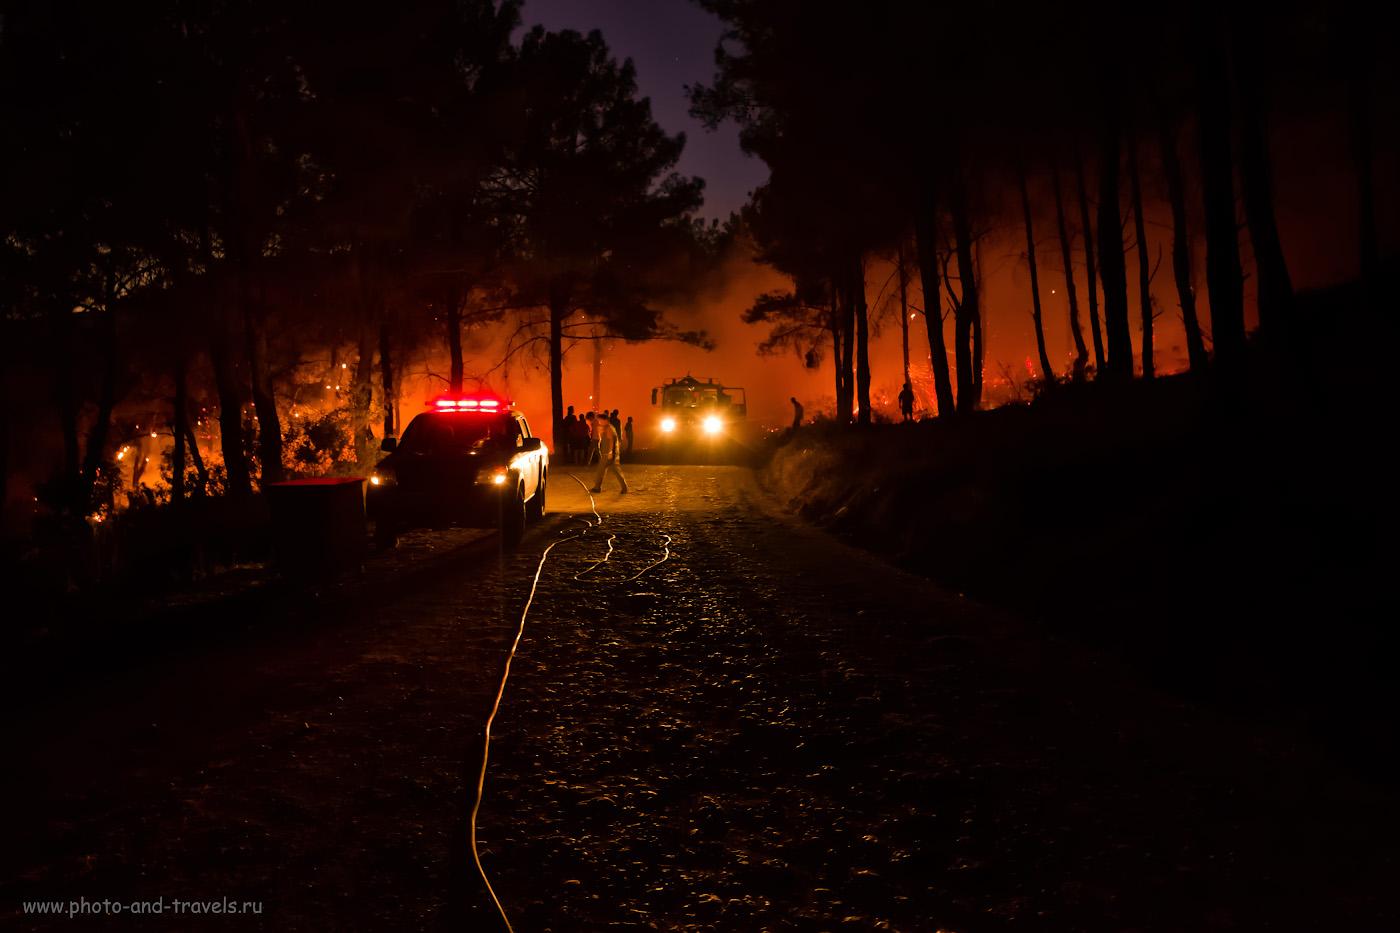 Фото 26. Пожар в лесу по пути от маяка Гелидония в поселок Караёз. Опасно ли в Турции ходить по горам? В=0,1 сек., f/2.8, ISO 3200, -0.67, ФР=16 мм.